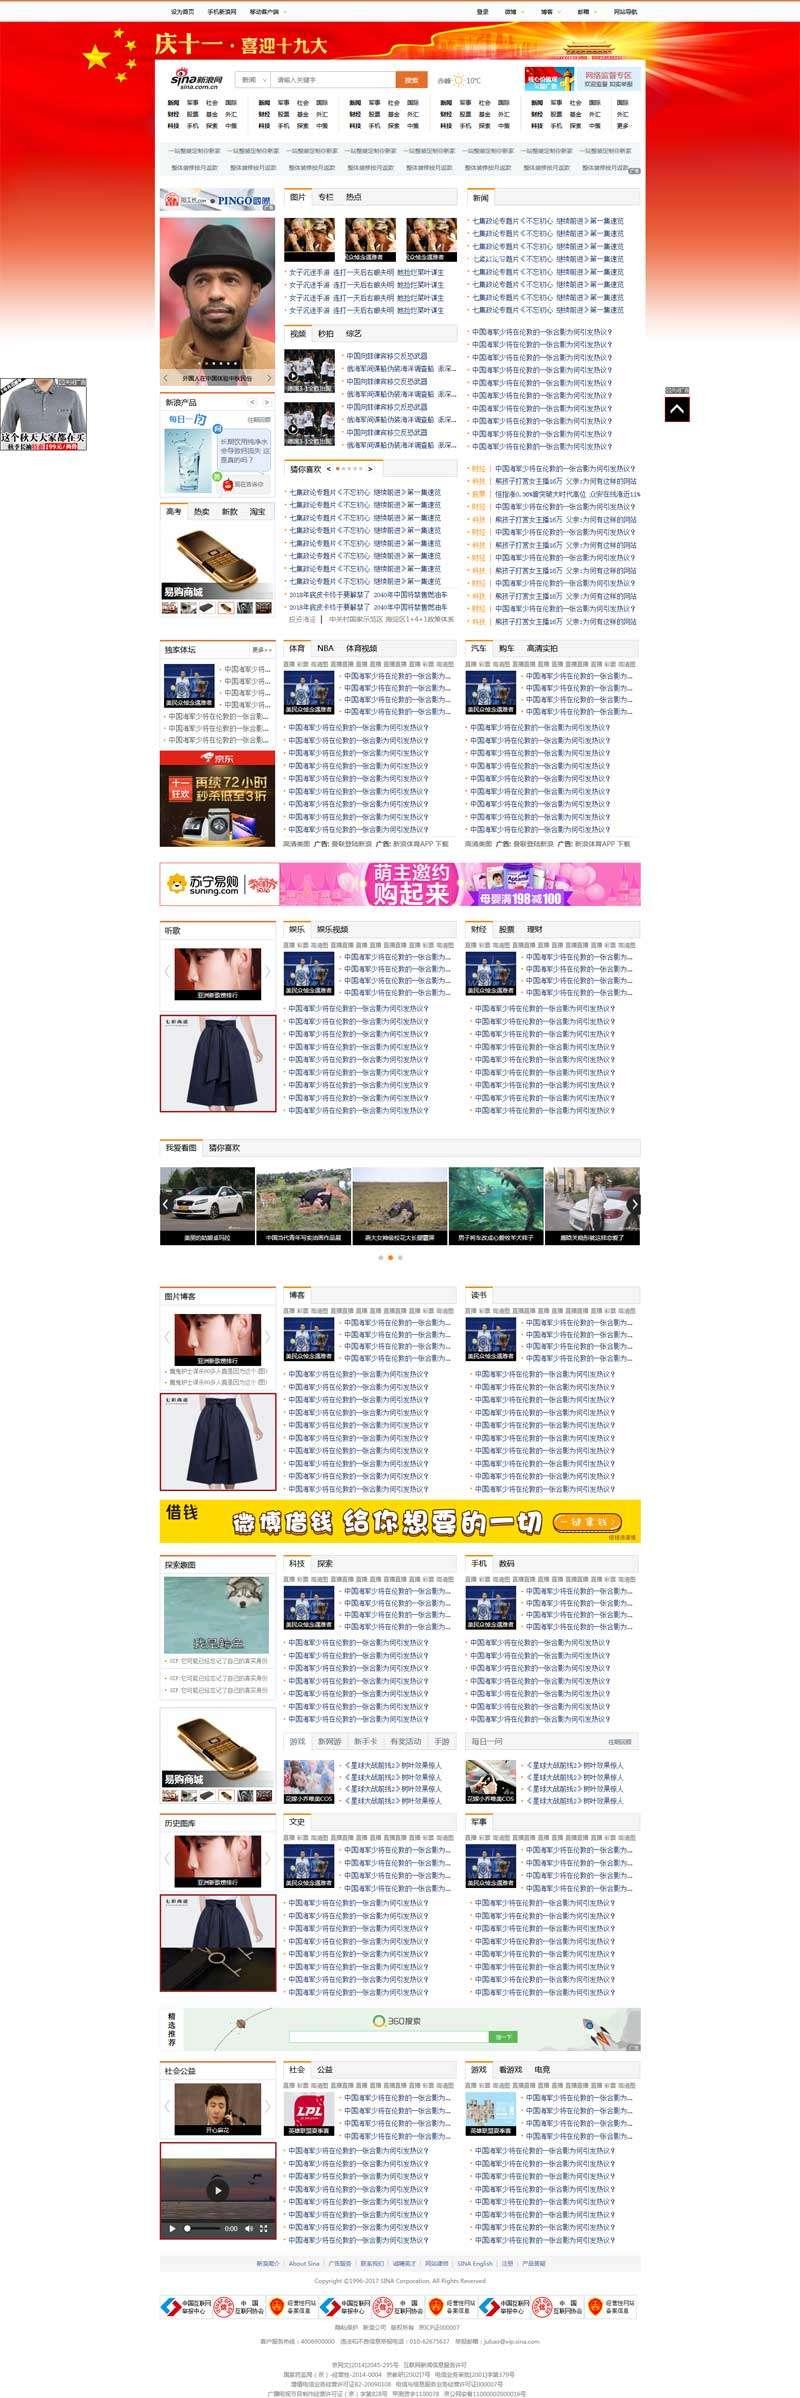 新闻资讯门户网站首页模板html下载